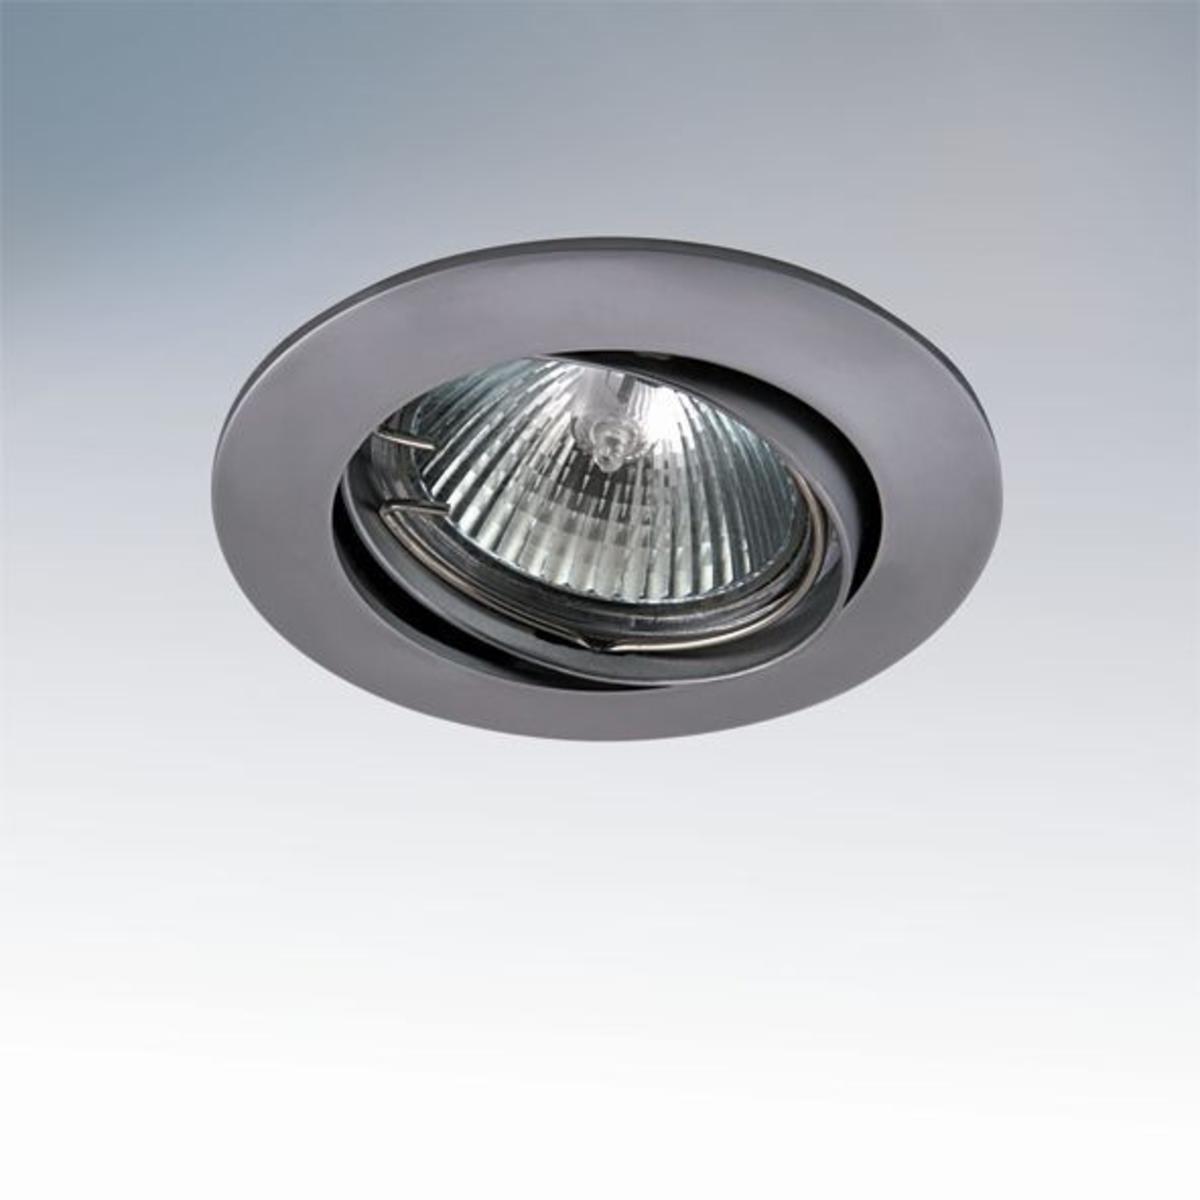 Купить Встраиваемый светильник LEGA HI ADJ 011029, HomeMe